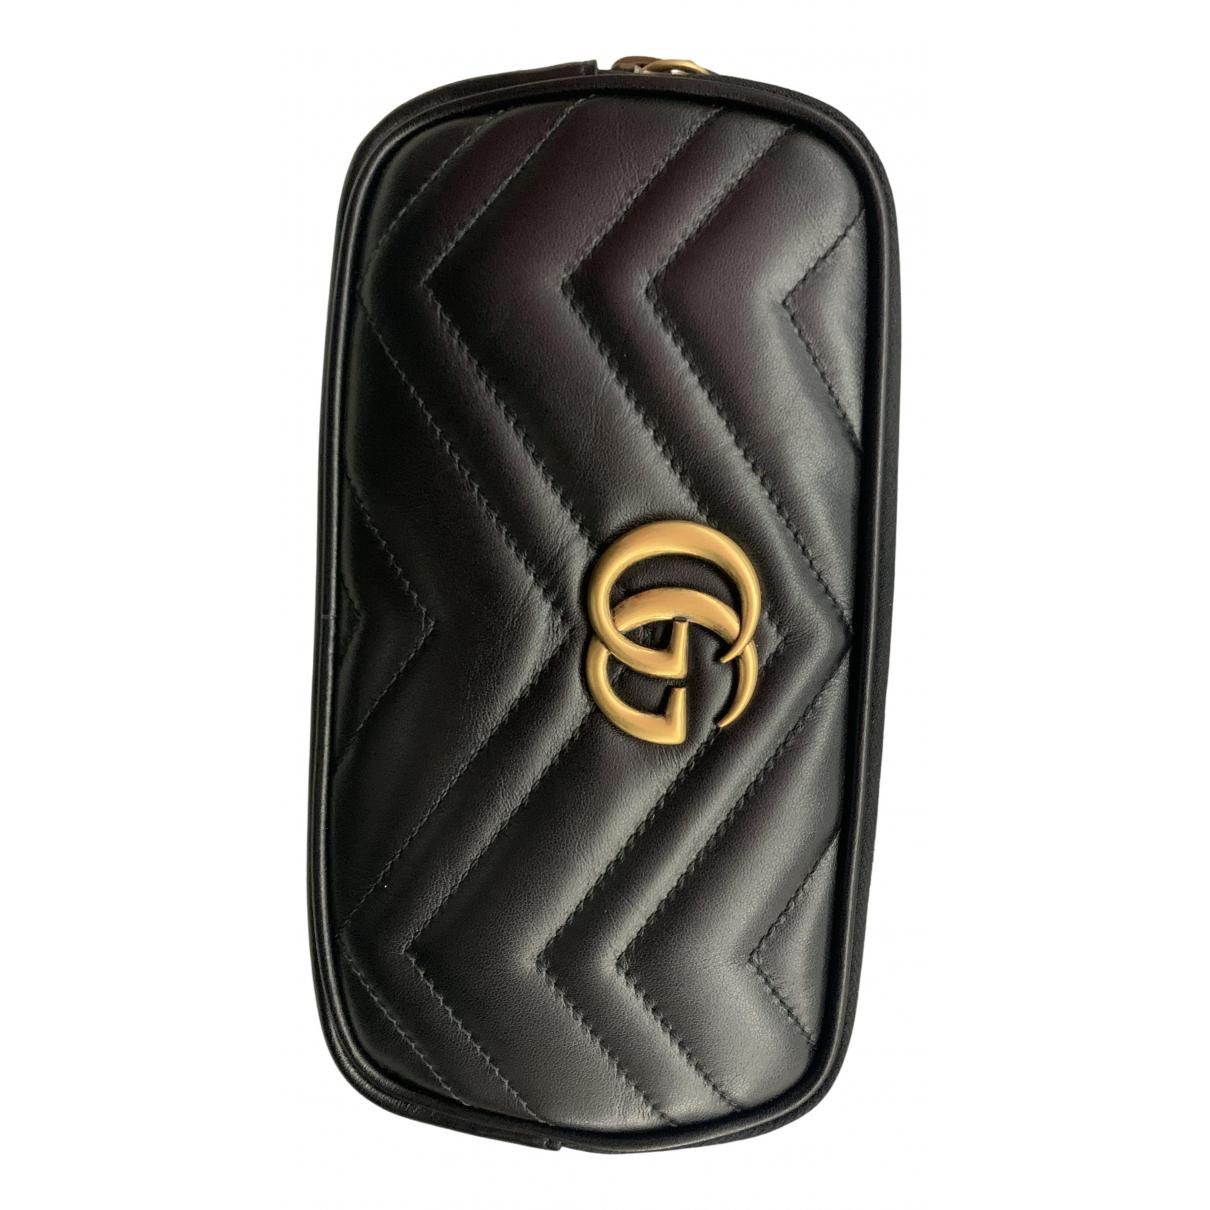 Gucci - Sac a main Marmont pour femme en cuir - noir